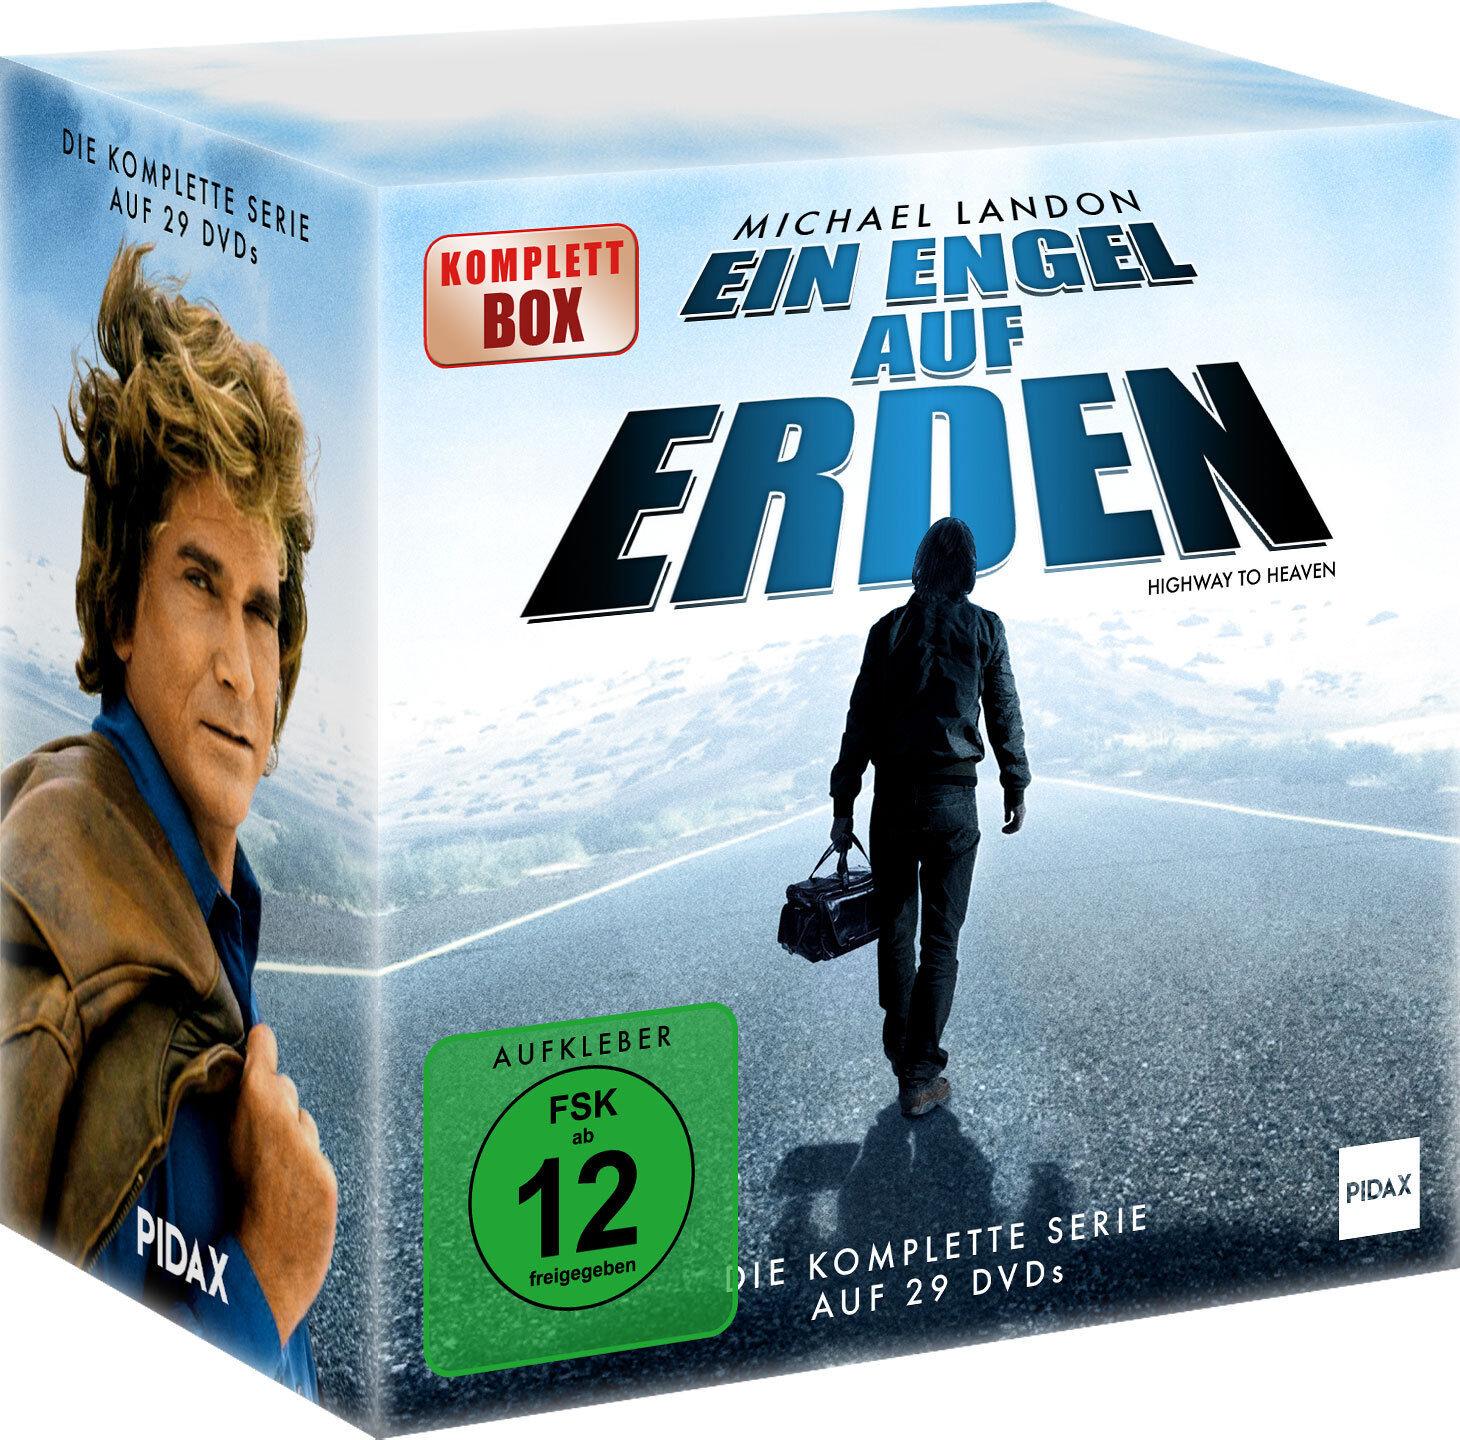 Ein Engel auf Erden - Komplettbox / Die komplette Serie auf 29 DVDs Pidax Neu